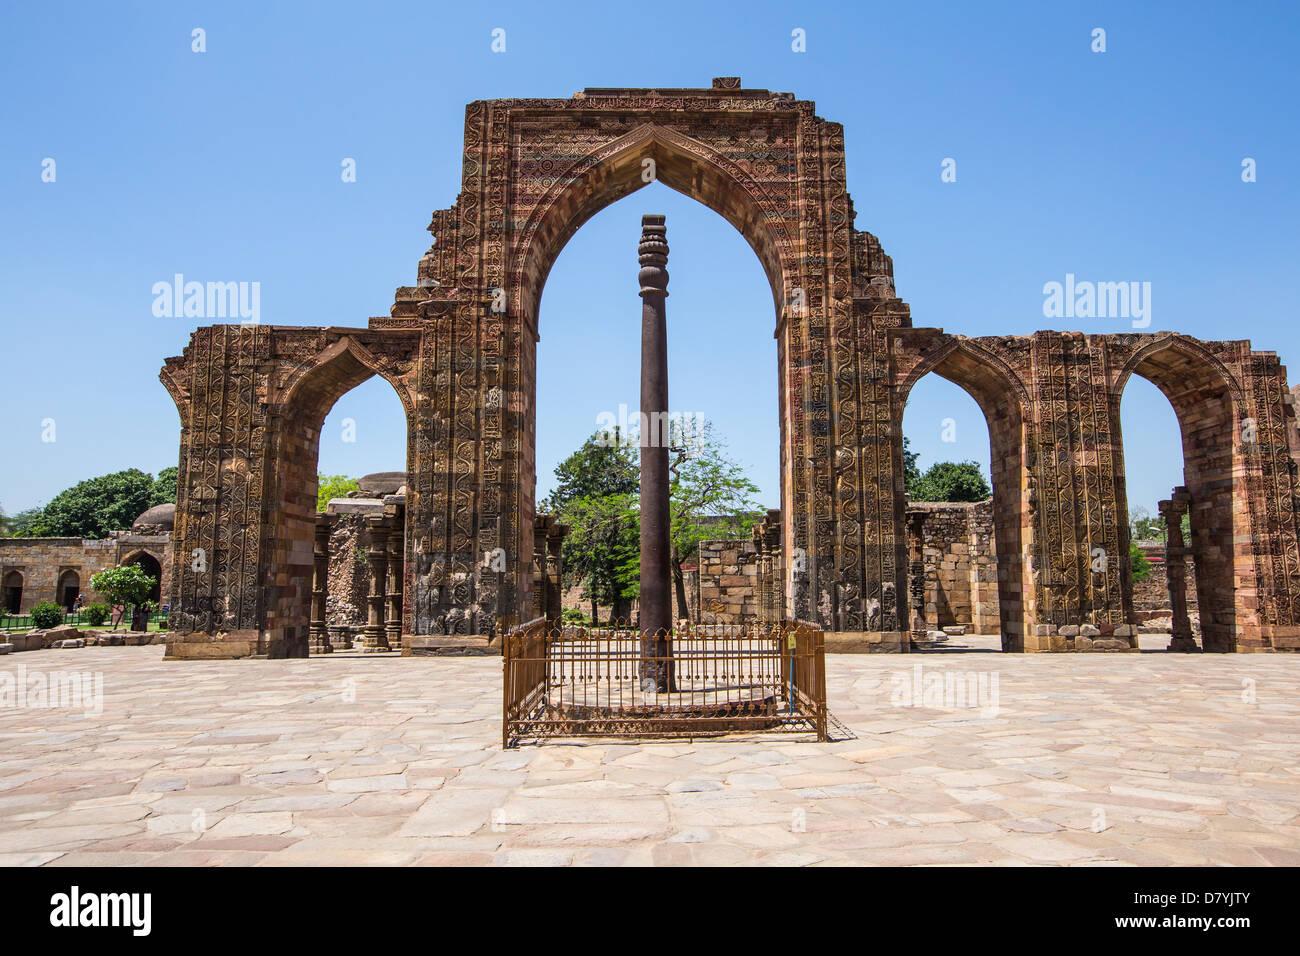 Iron Pillar of Delhi at the Qutub Minar Complex, Delhi, India - Stock Image